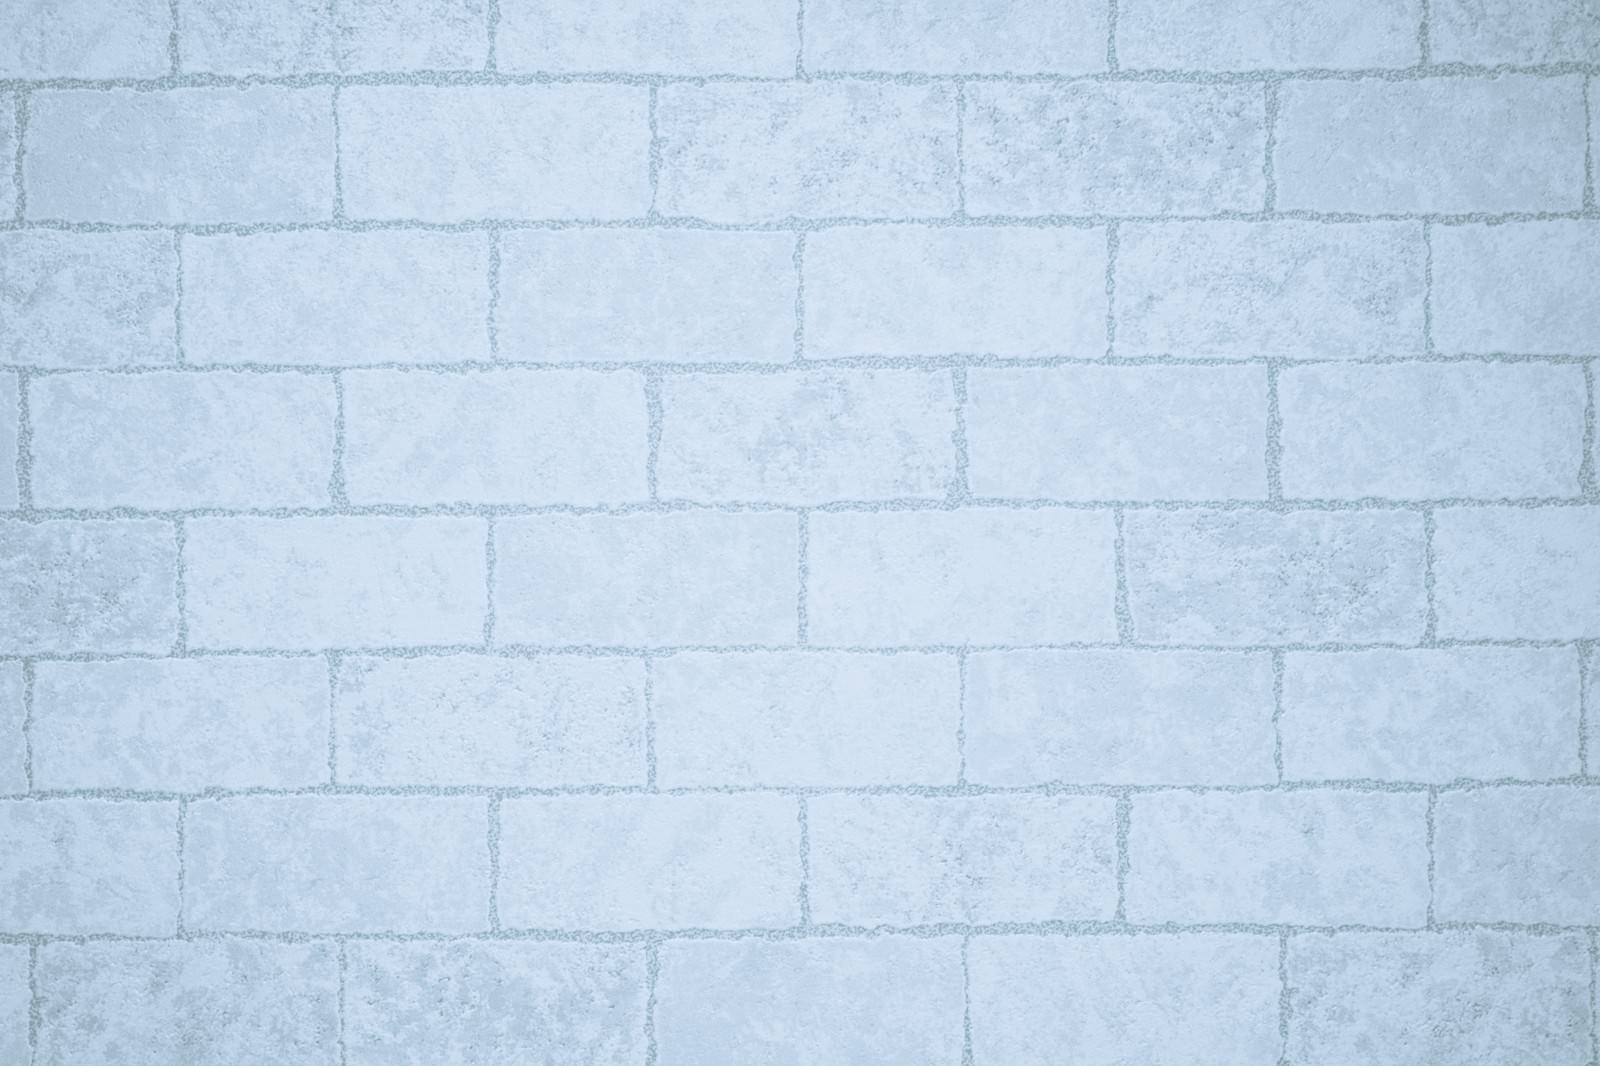 「白いタイル柄のクロス(テクスチャー)白いタイル柄のクロス(テクスチャー)」のフリー写真素材を拡大